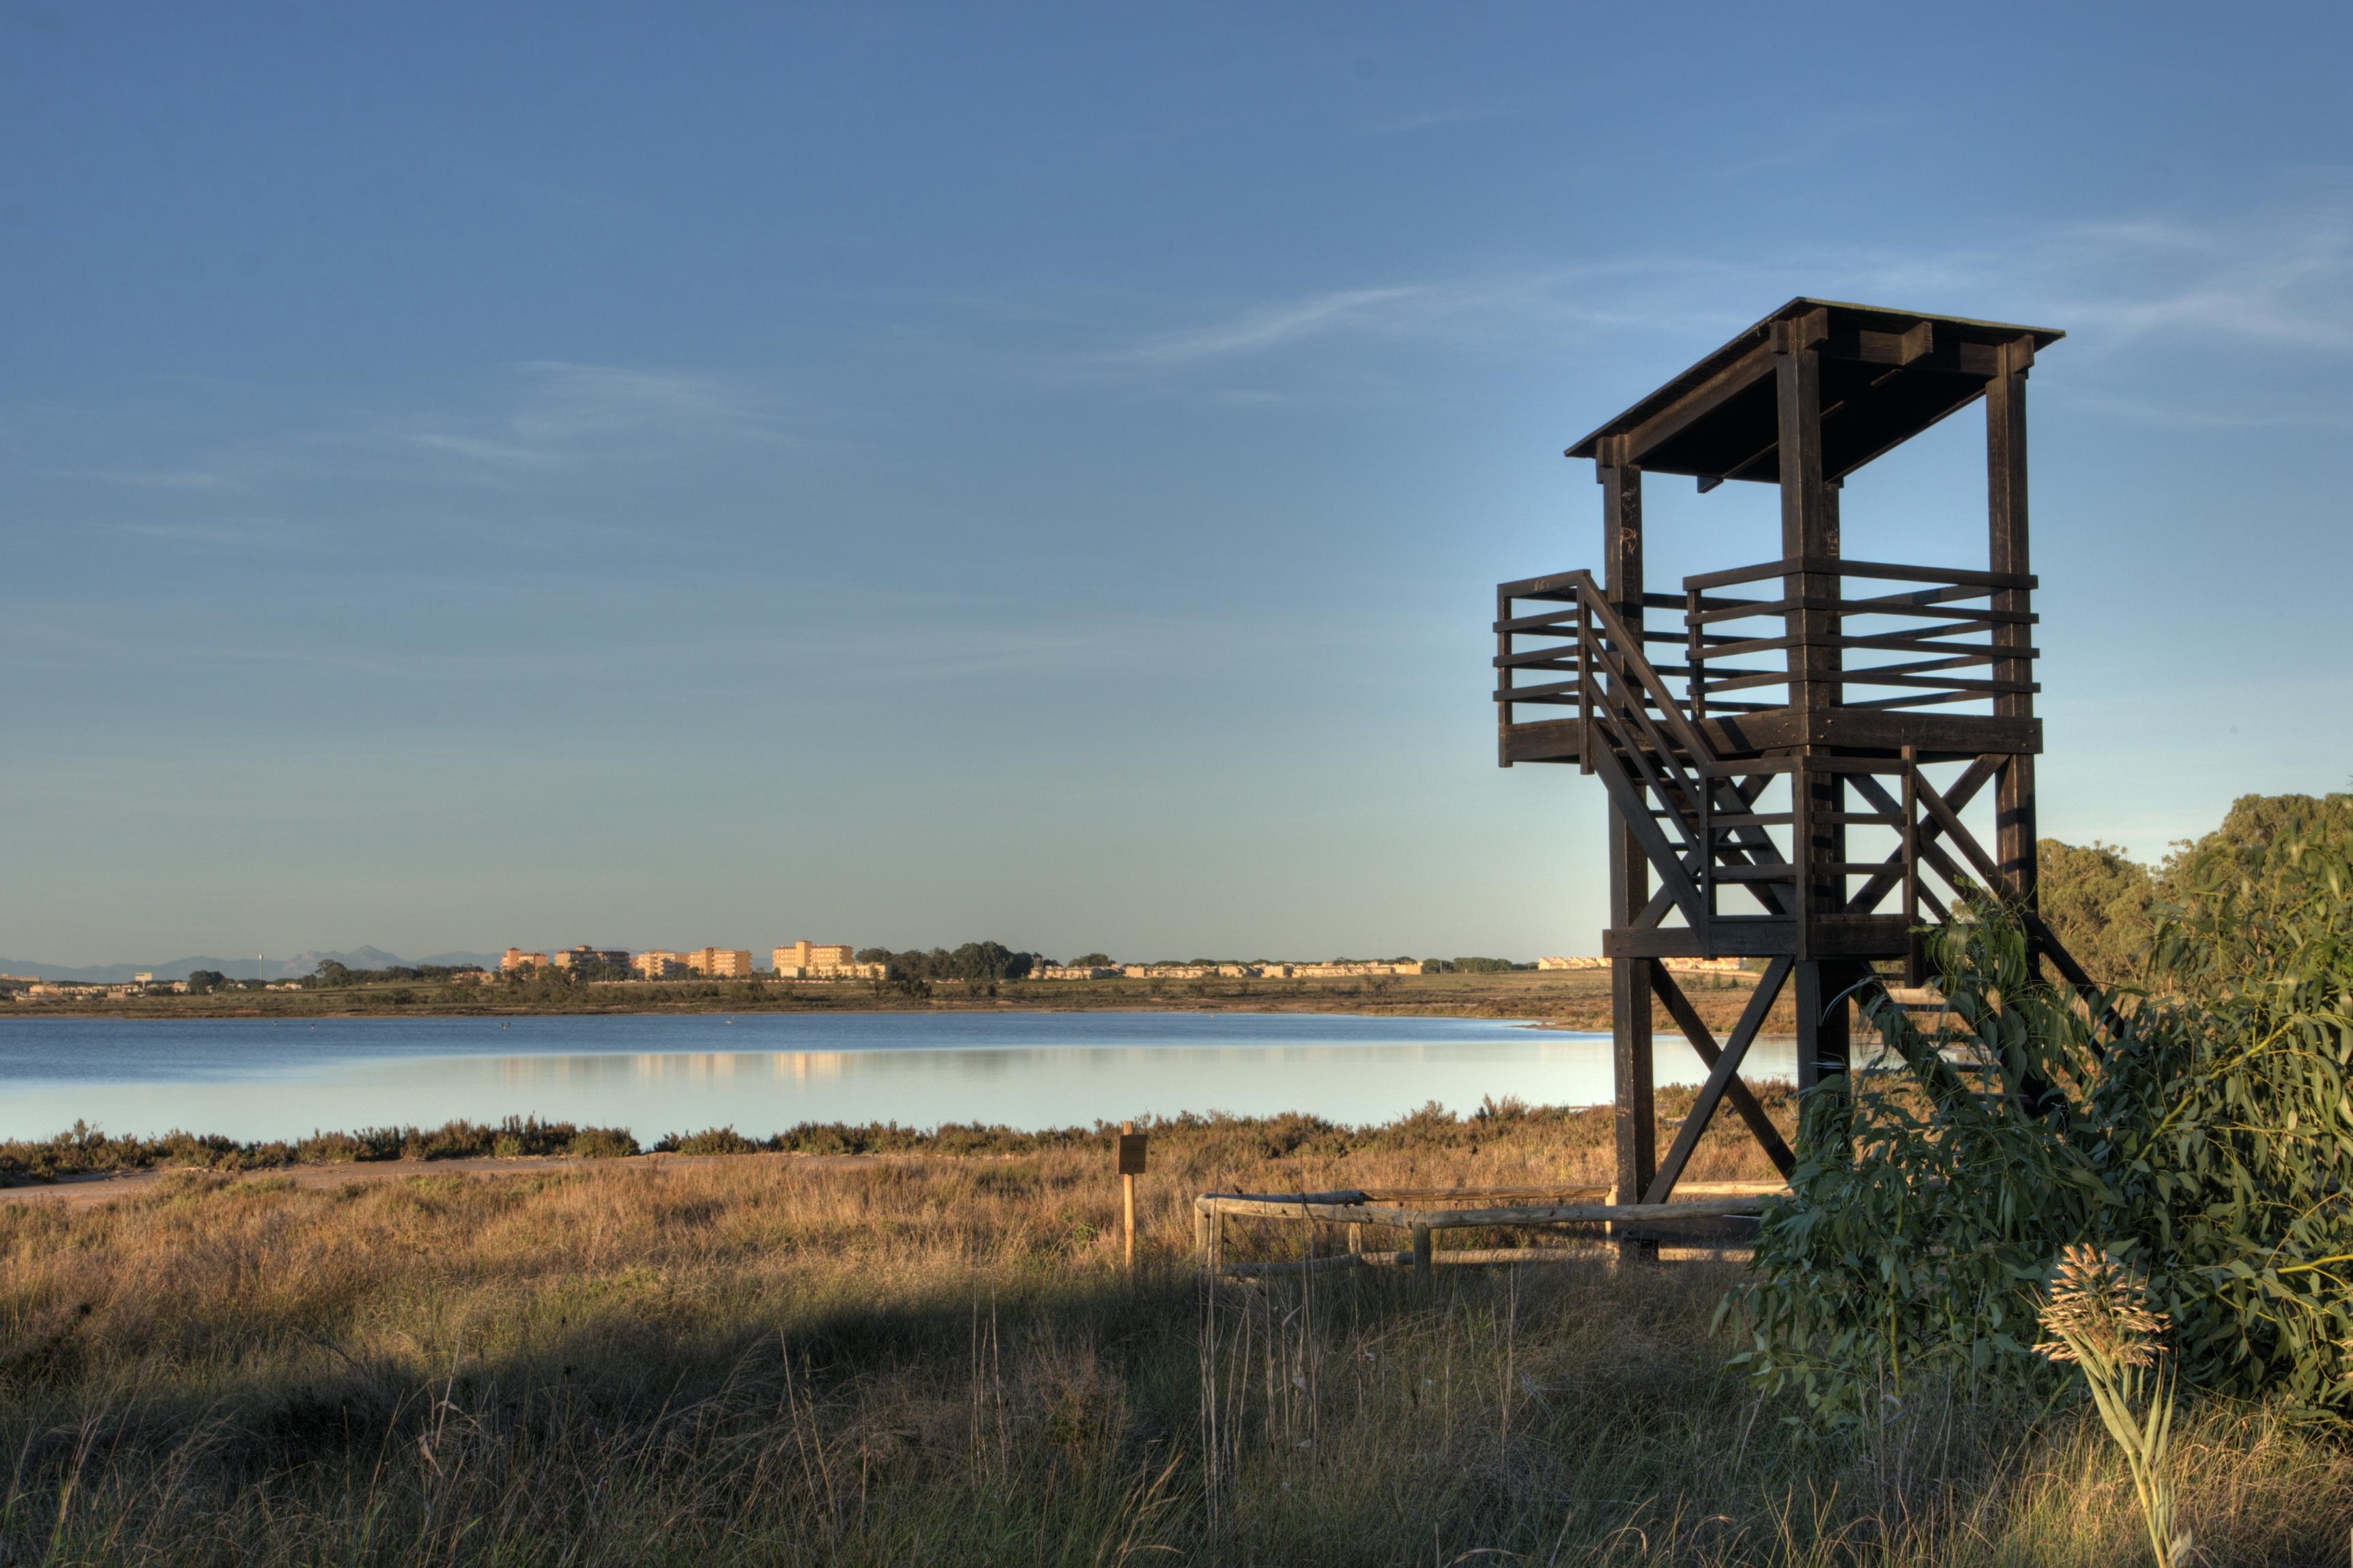 Alrededores del hotel torrevieja apartamentos fresno situado en la playa del cura - Apartamentos fresno torrevieja ...